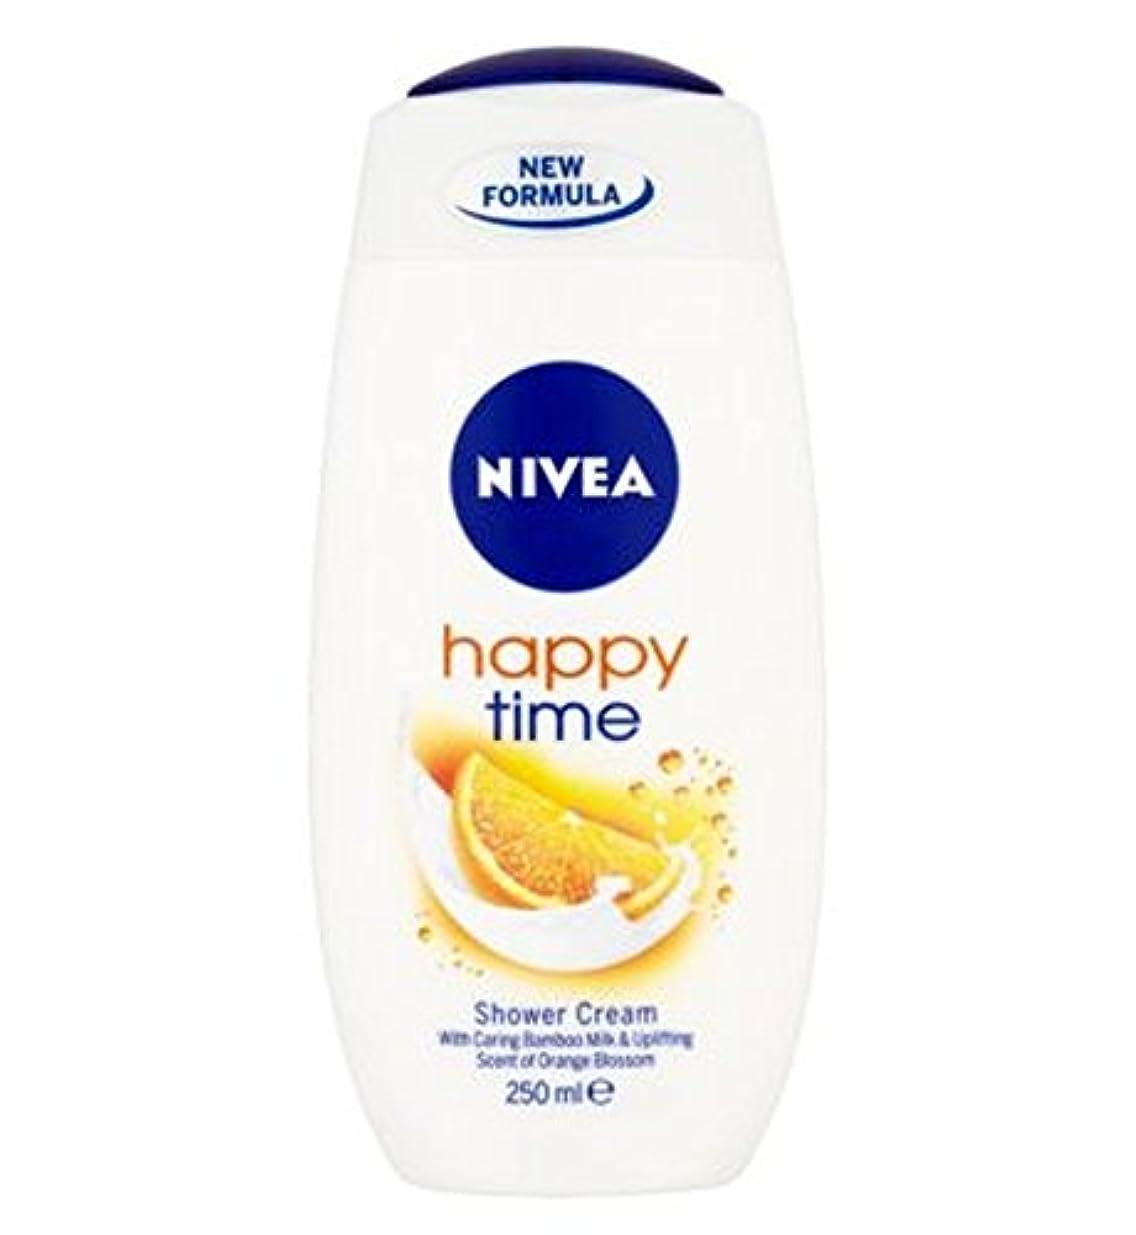 実装する馬鹿げた横ニベア幸せな時間シャワークリーム250ミリリットル (Nivea) (x2) - NIVEA Happy Time Shower Cream 250ml (Pack of 2) [並行輸入品]